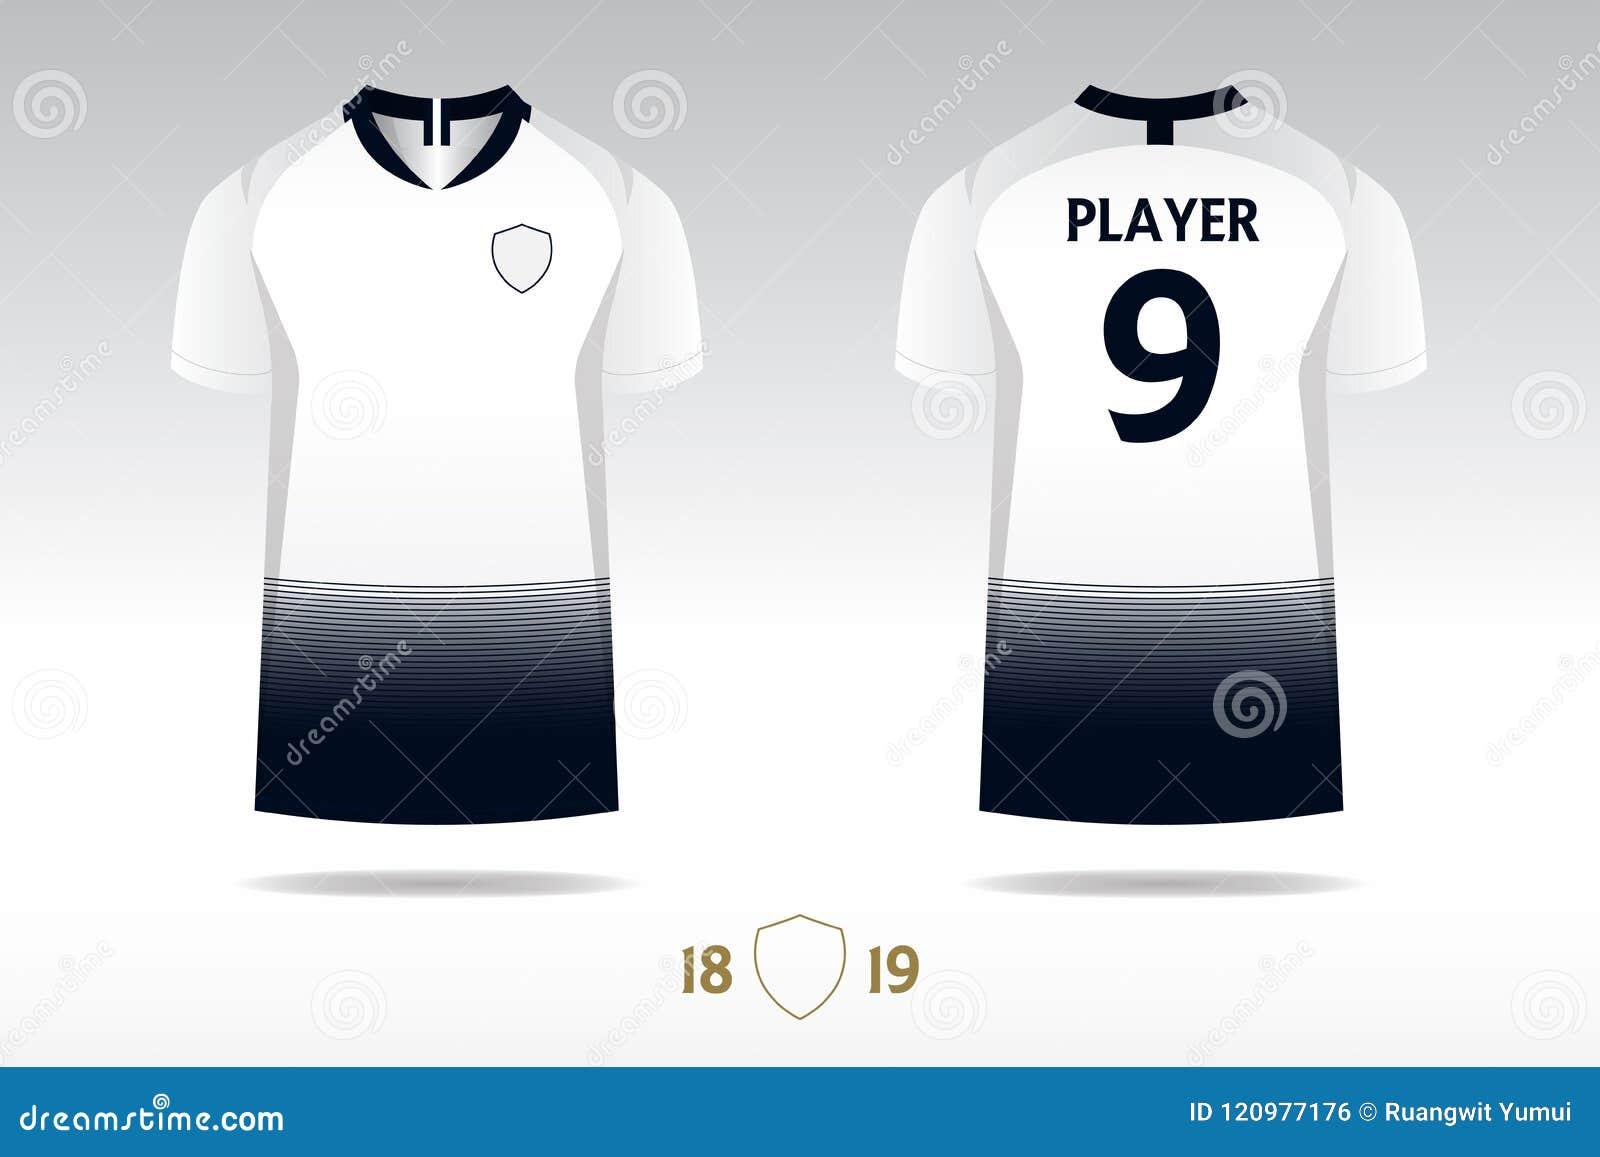 90d03bca7 Soccer Jersey